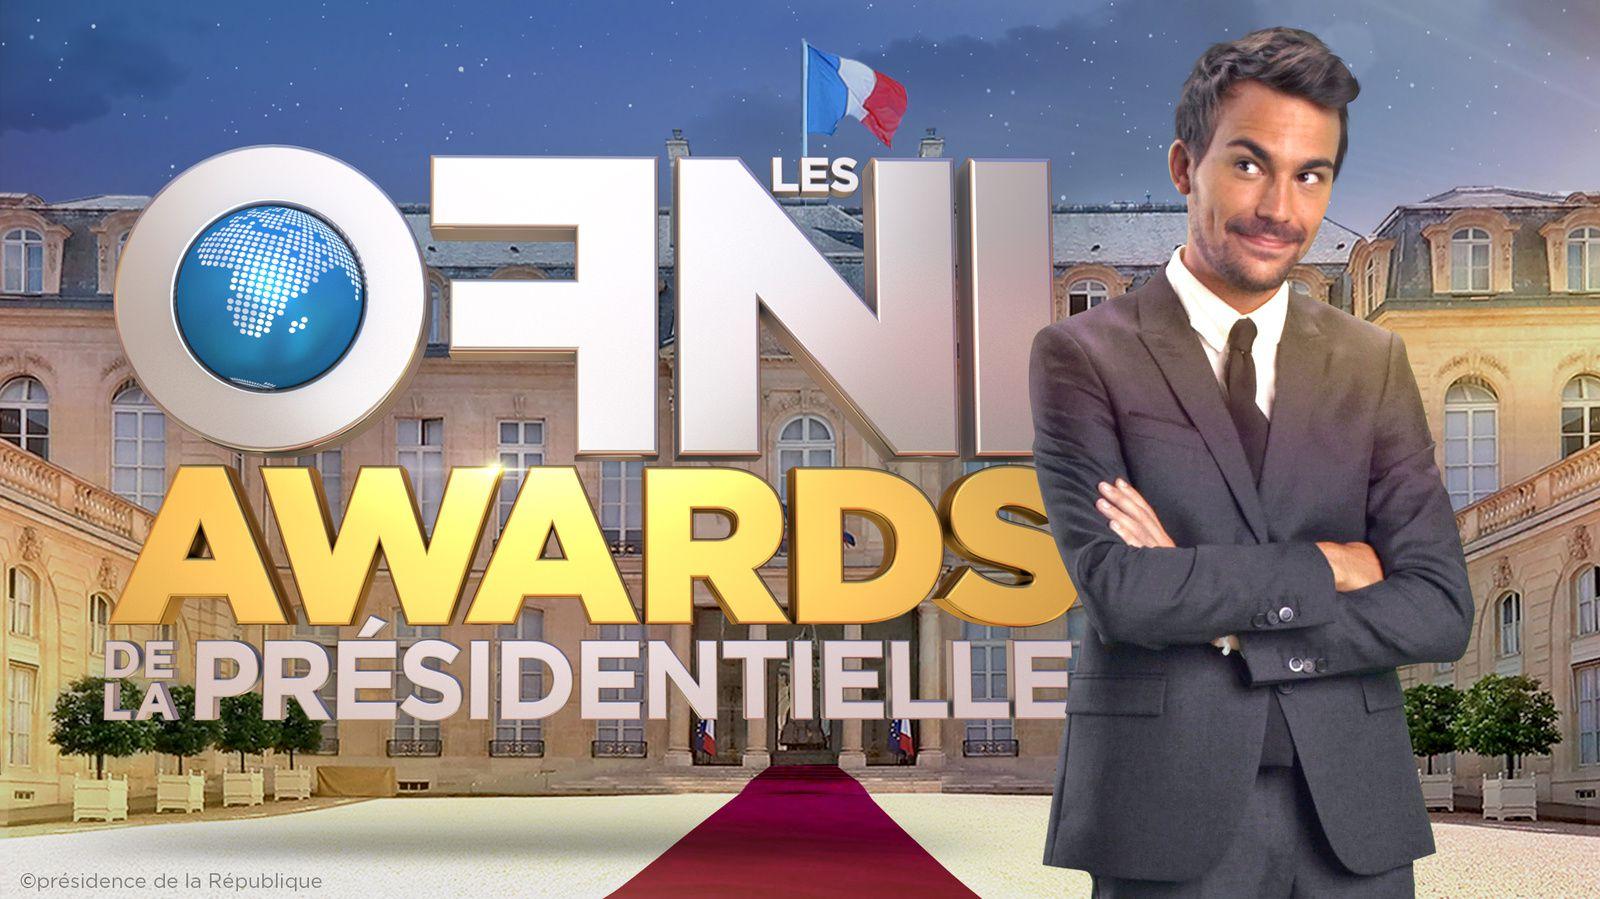 Les OFNI Awards de la Présidentielle ce dimanche soir sur W9.